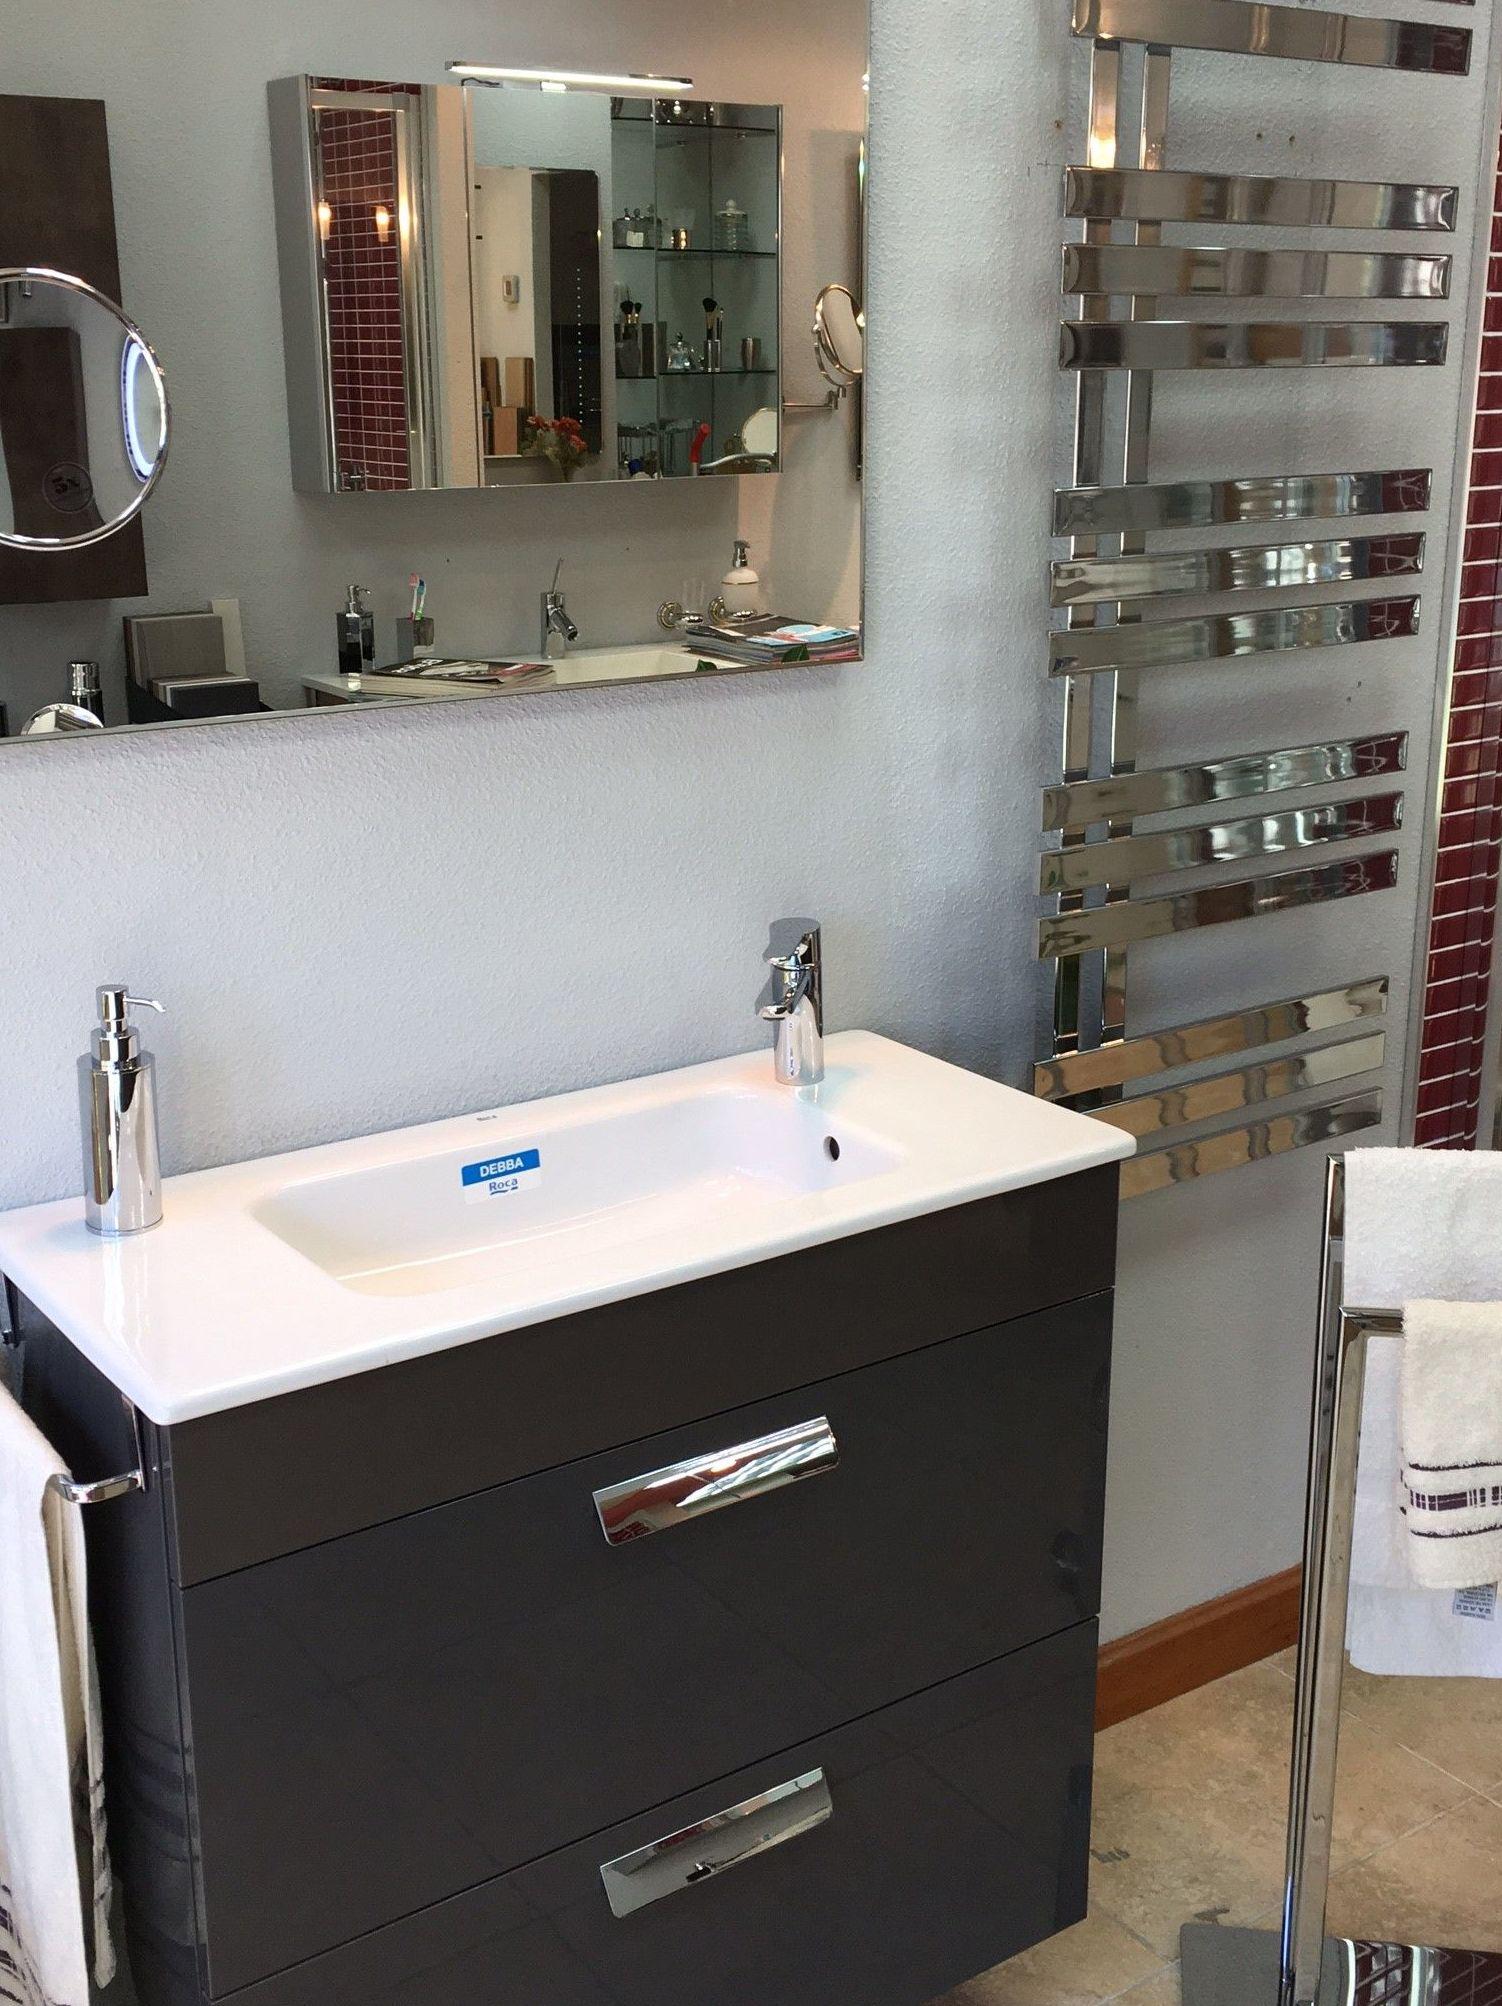 Foto 1 de Muebles de baño y cocina en Madrid | Atrezzo Cocina y Baño